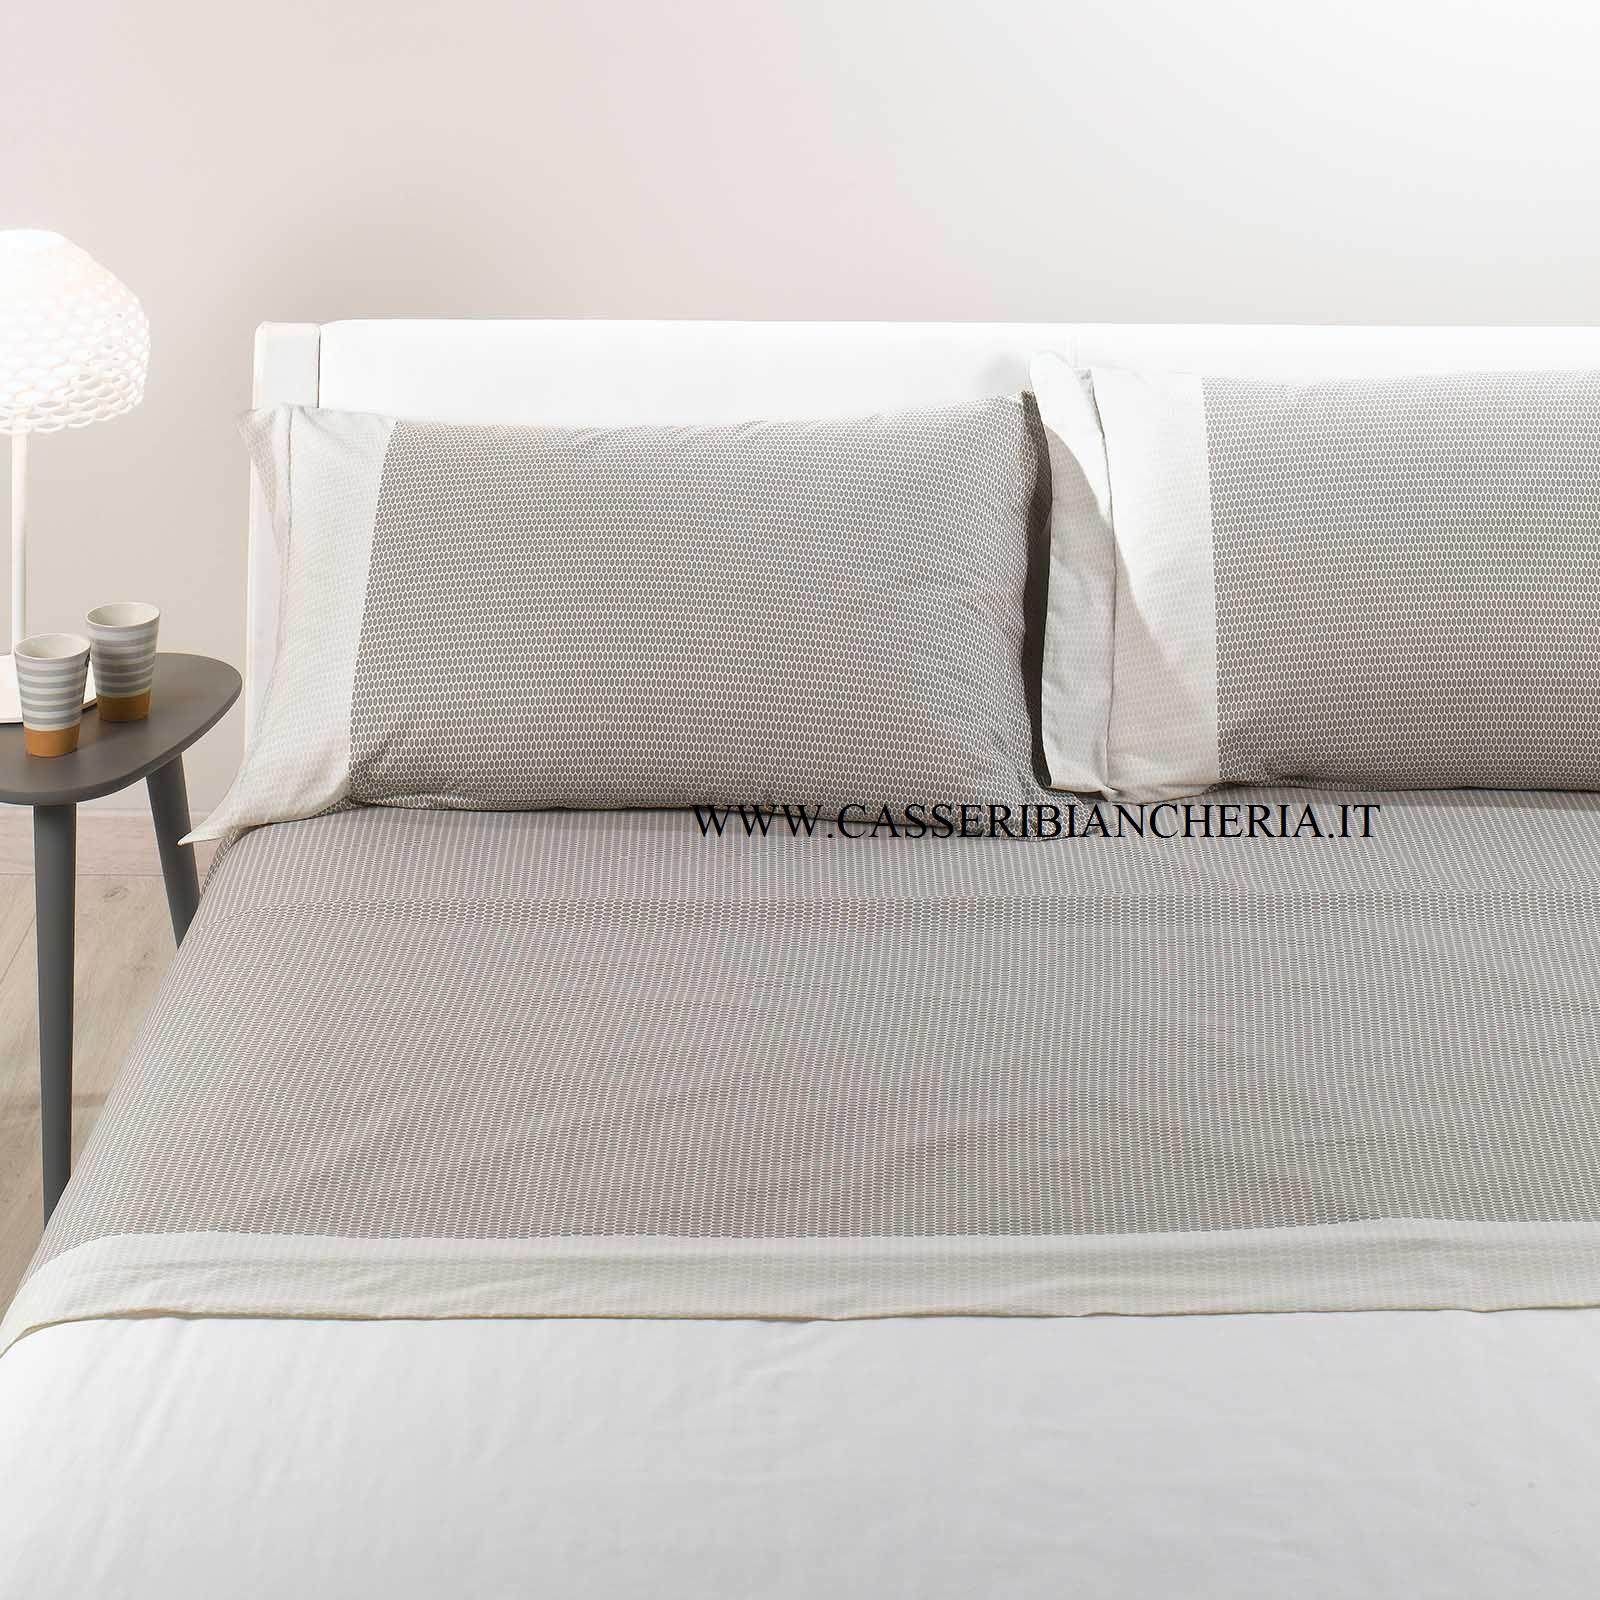 Volant per letto arredare con il fai da te foto design mag acquista all ingrosso online volant - Coprirete vestiletto ikea ...